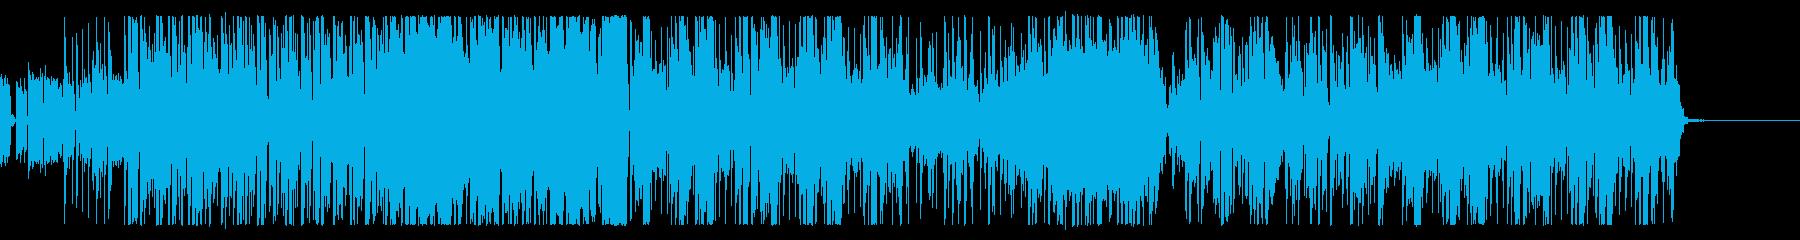 トラップでかっこいい曲の再生済みの波形